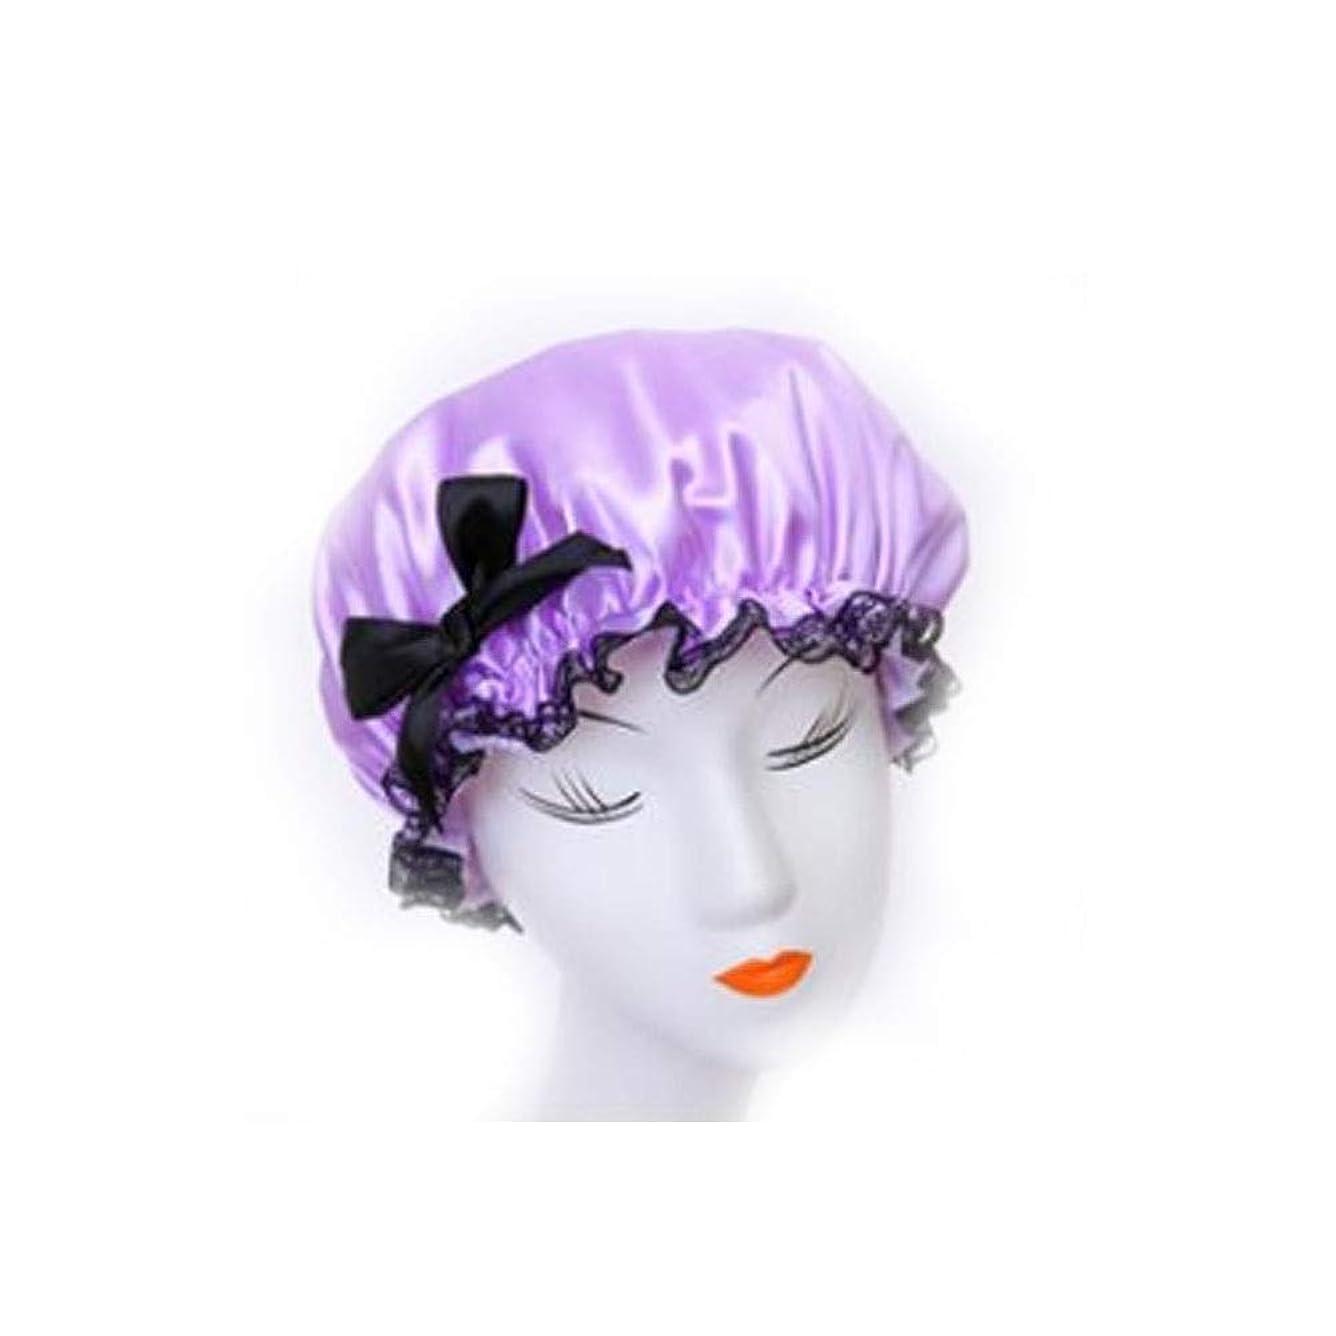 鷲確率ケーブルカーXiaoNUO シャワーキャップ、レディースシャワーキャップレディース用のすべての髪の長さと太さのデラックスシャワーキャップ - 防水とカビ防止、再利用可能なシャワーキャップ。 髪を乾いた状態に保ちます。 (Color : Purple)